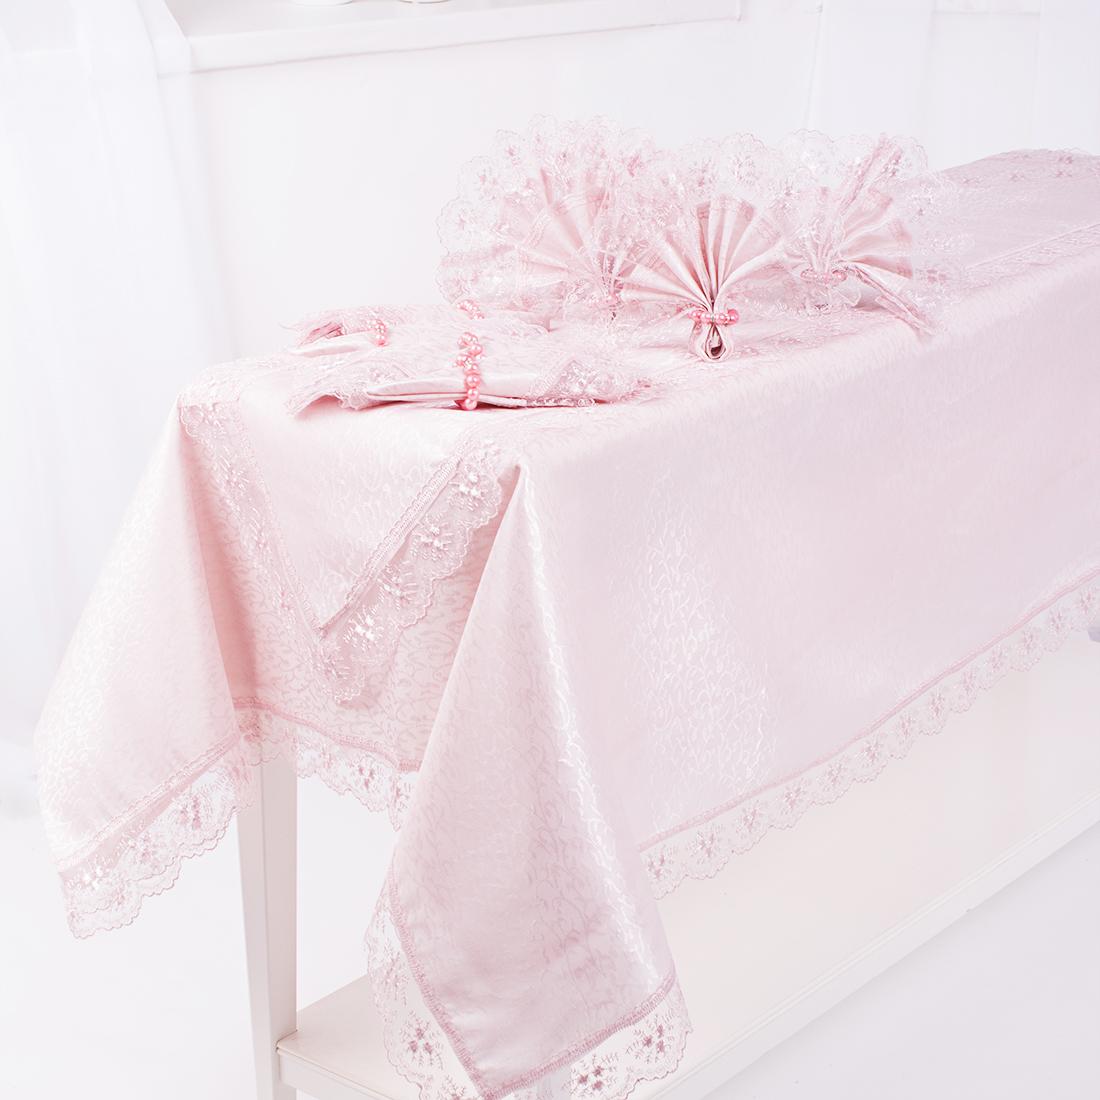 Скатерти и салфетки Eleganta Скатерть Calanthia Цвет: Розовый (160х220 см) полотенца кухонные dorothy s home кухонная скатерть люкс в подарочной коробке с кольцами 160 220 8 салфеток